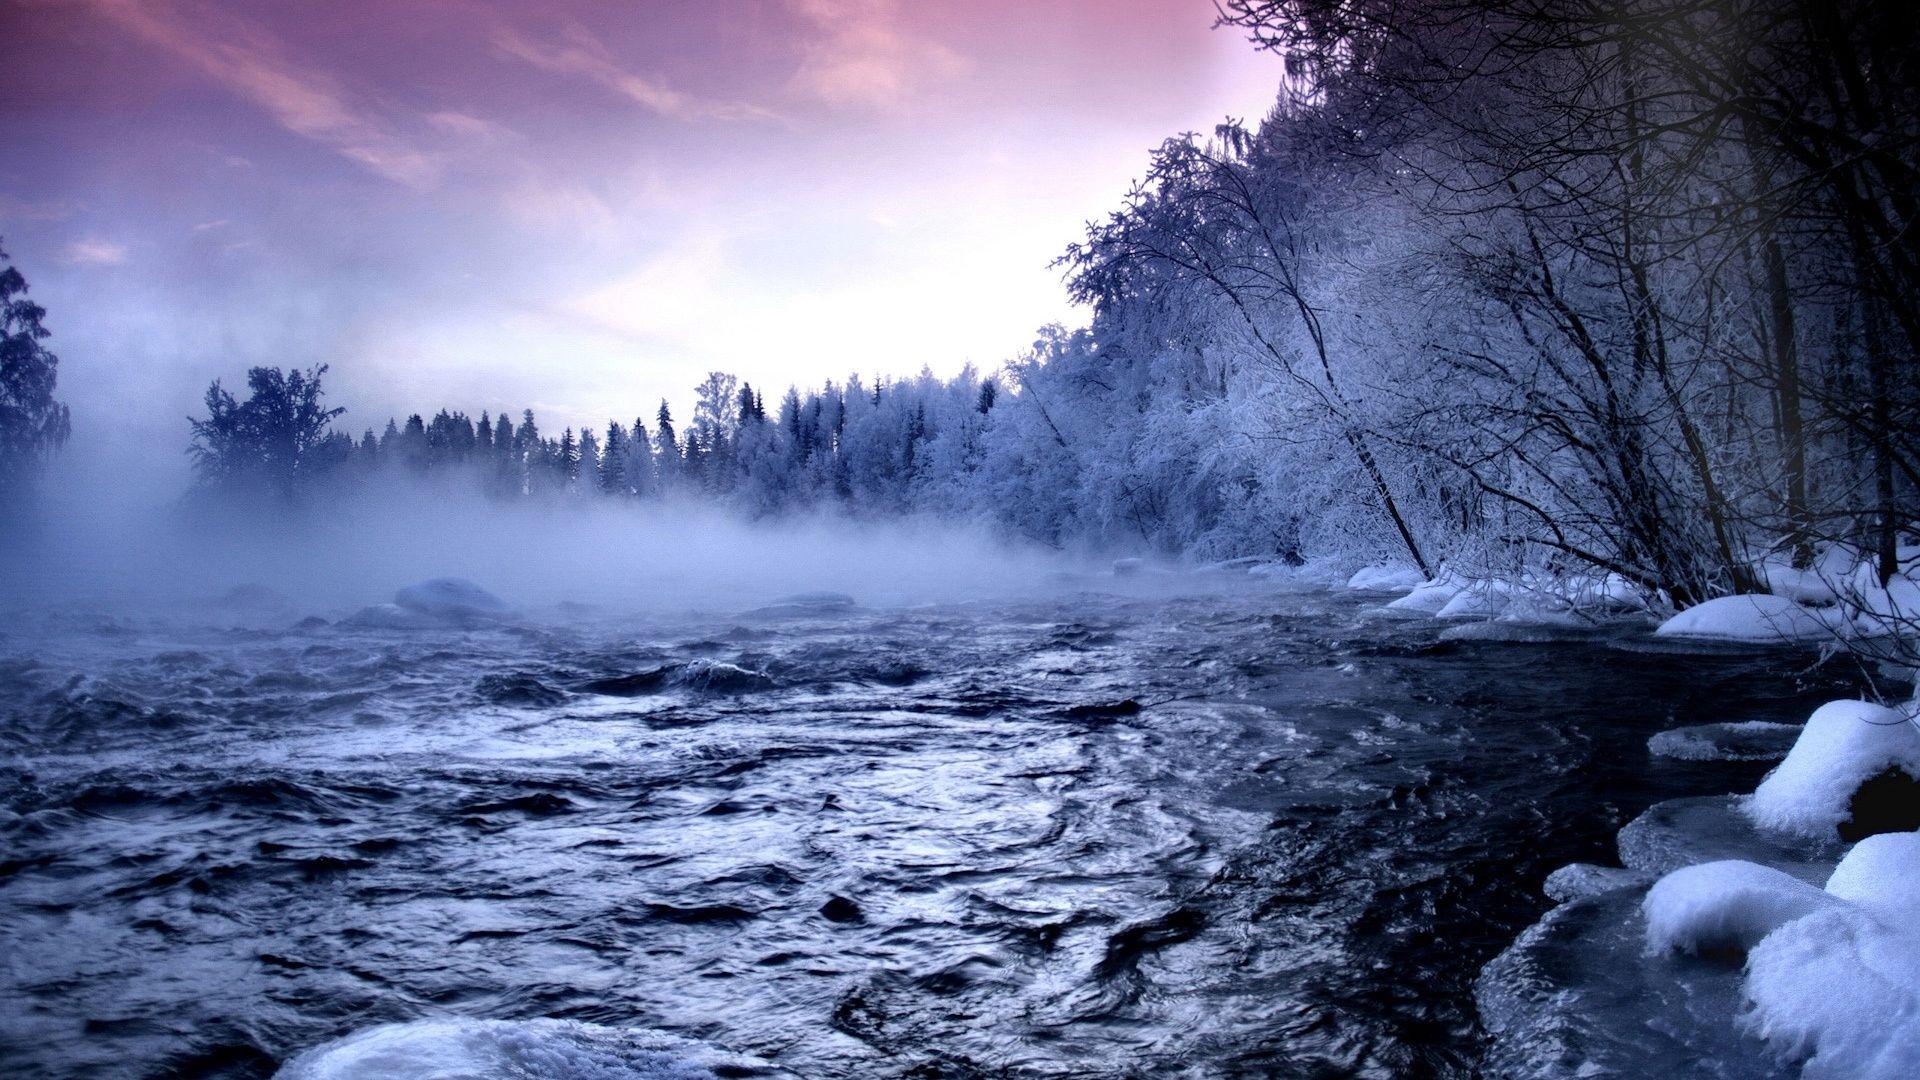 Beautiful Winter Landscape Nature 1920x1080